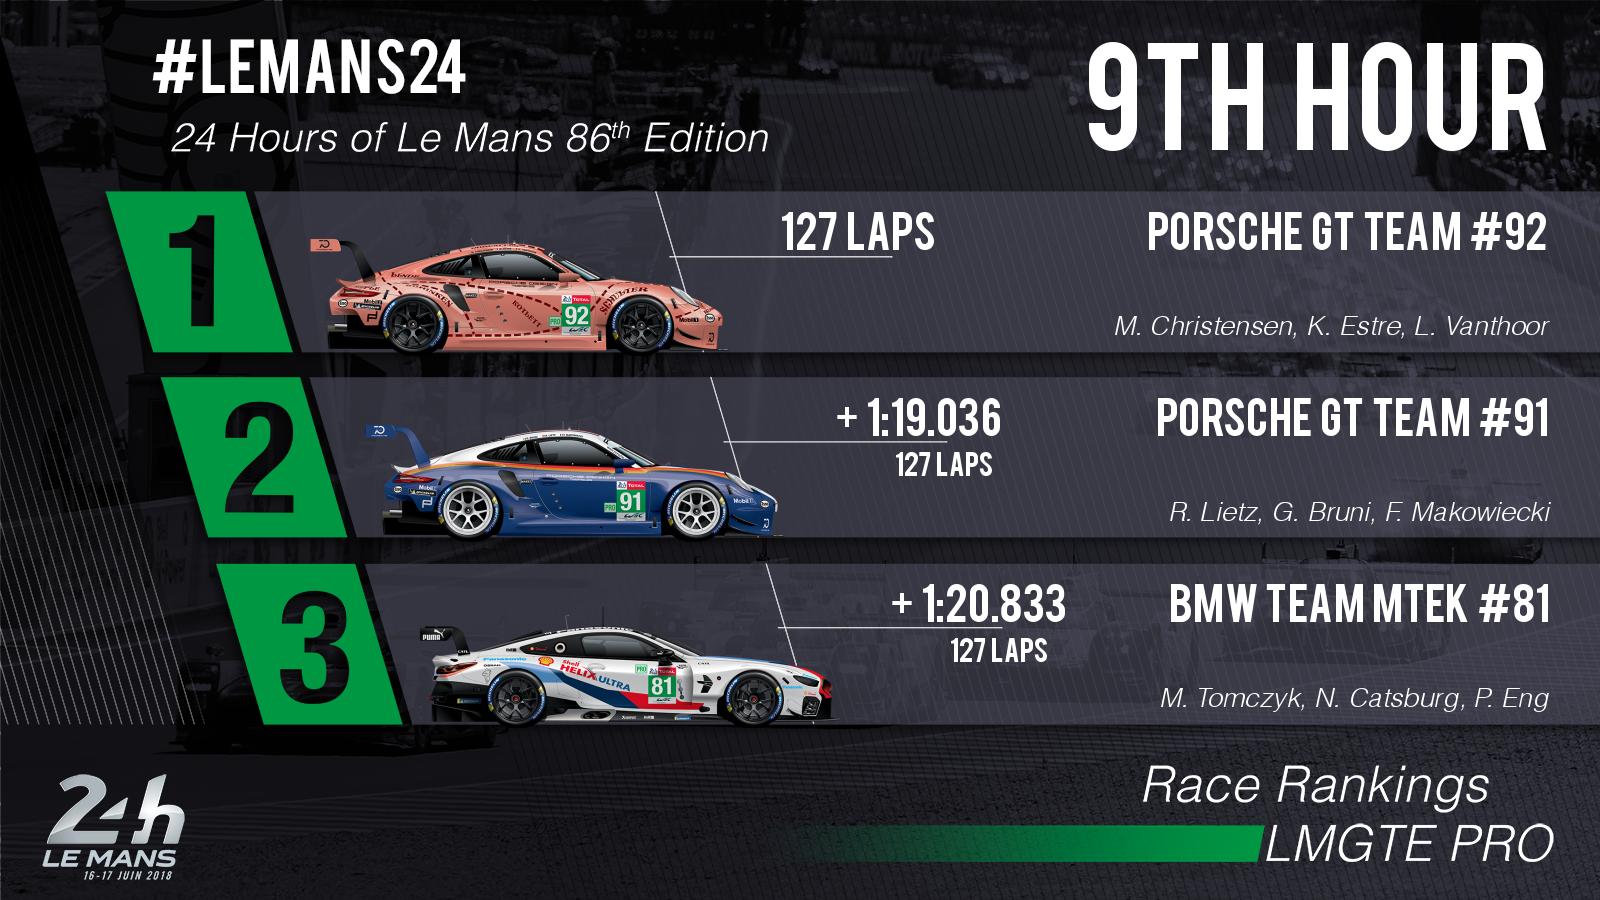 24 Horas de Le Mans 2018 - Página 3 5b2588a49fbae